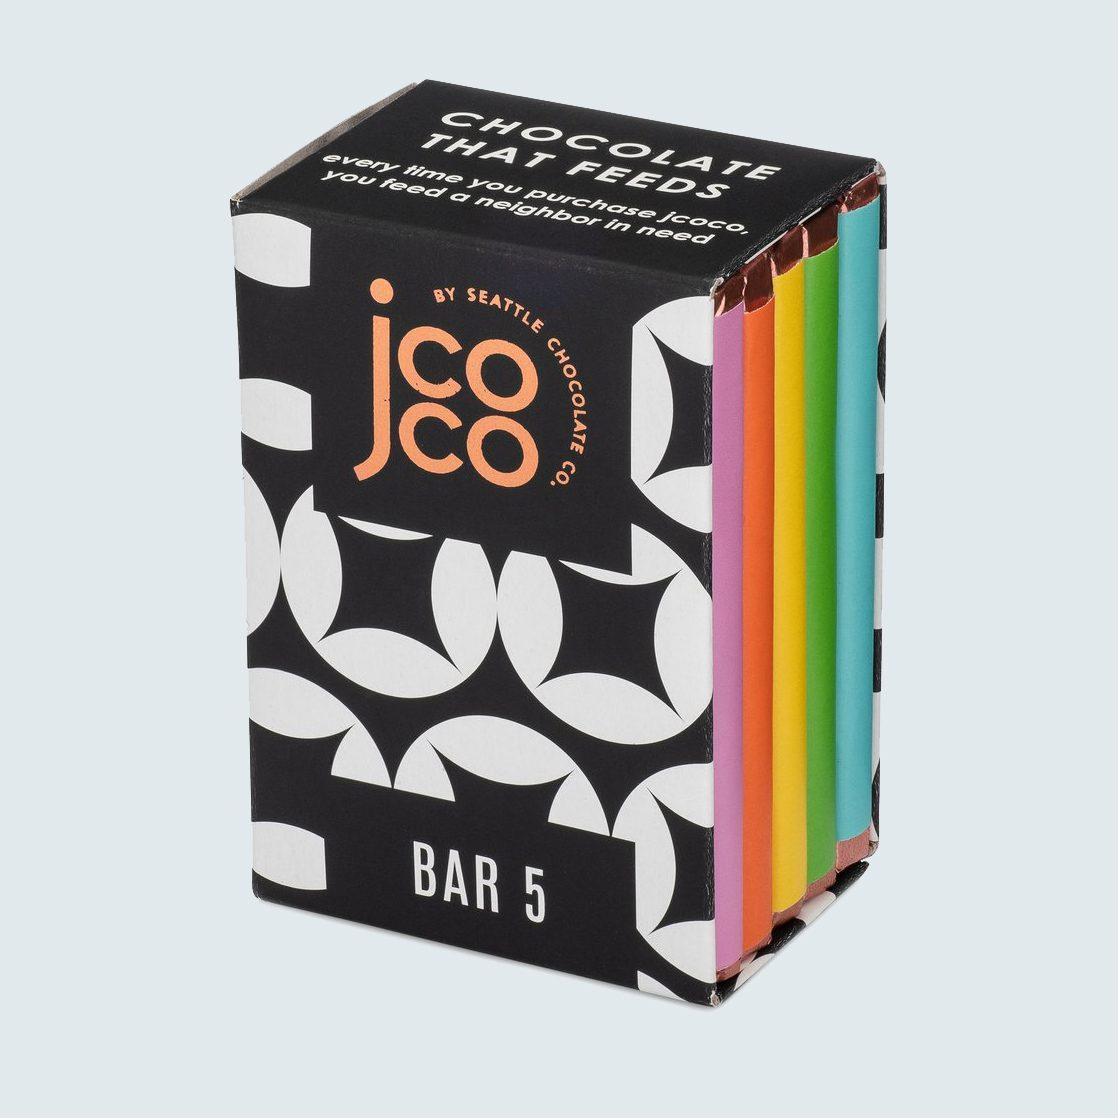 jcoco Bar 5 Milk + White